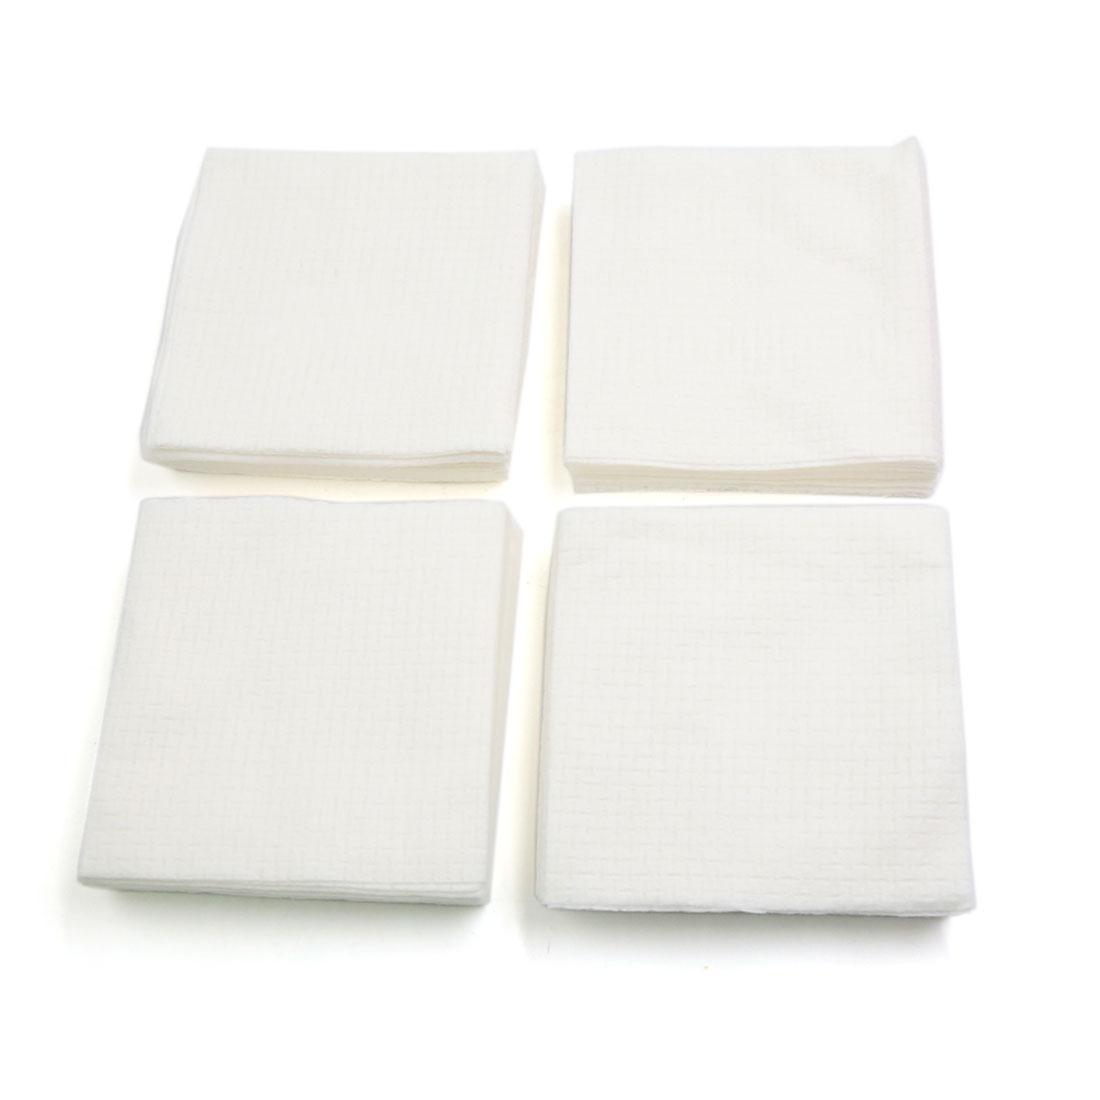 Unique Bargains 250pcs White Nonwoven Fabric DIY Facial M...